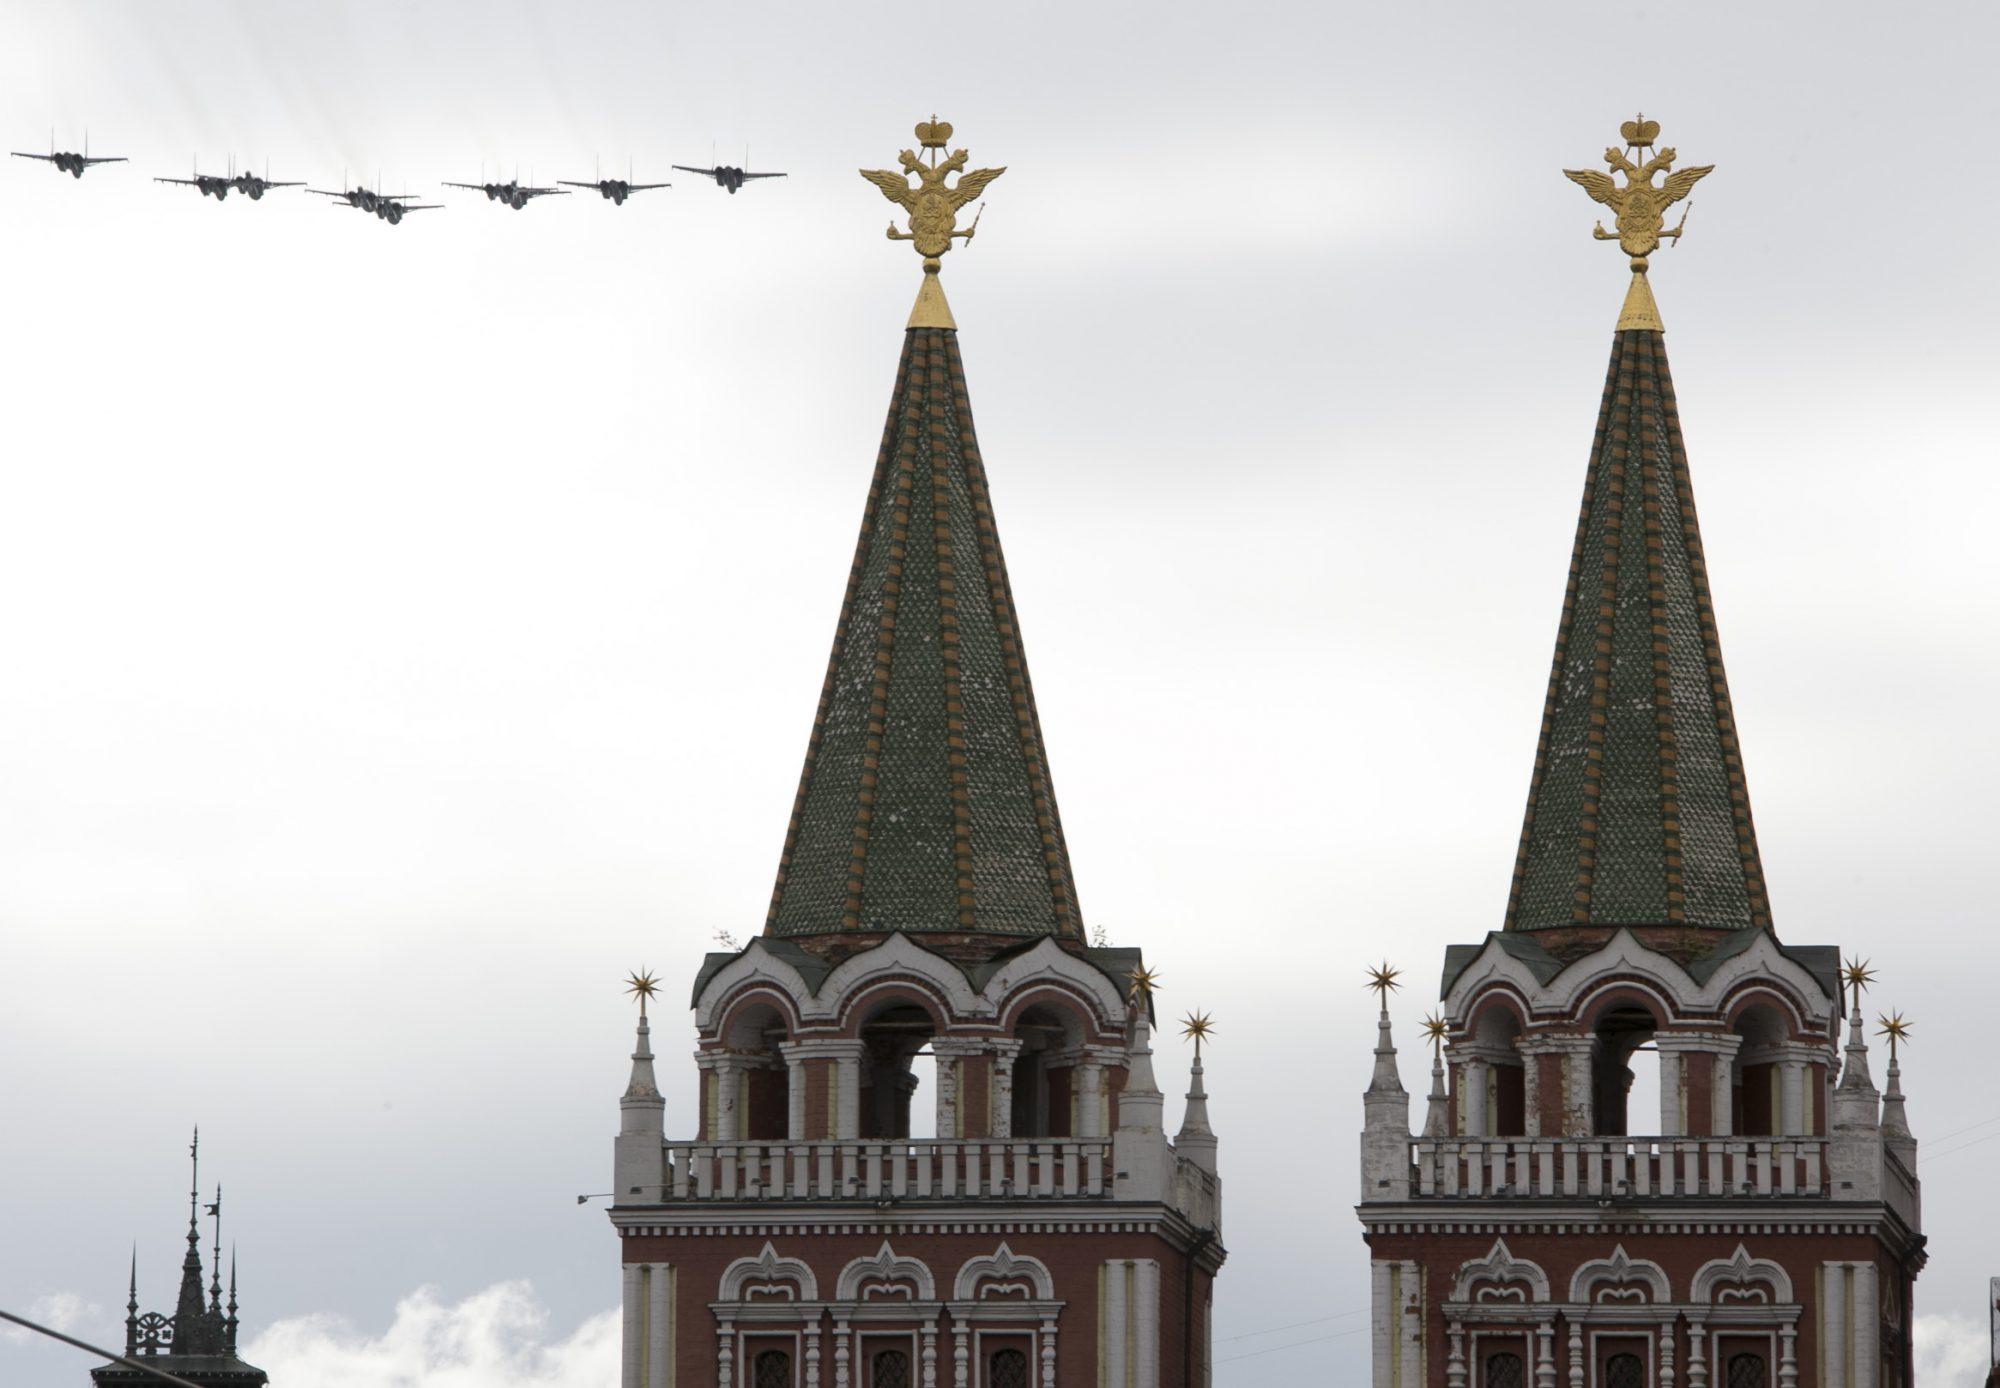 авиашоу, воздушный, парад, Москва, Красная площадь, День Победы, 2020, авиационный, самолеты, вертолеты